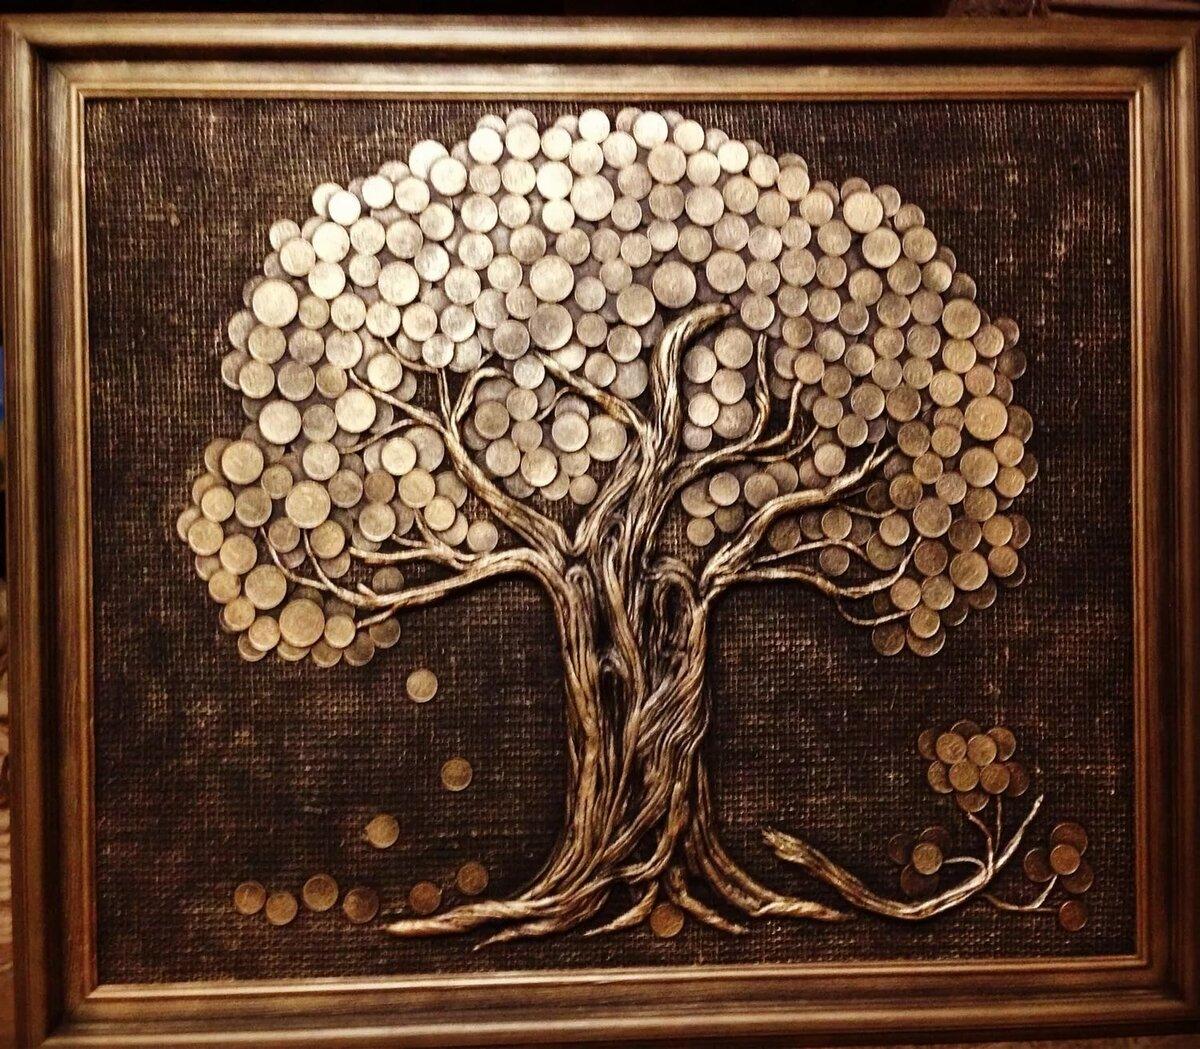 том, что картинки дерево с монетами основному характеру